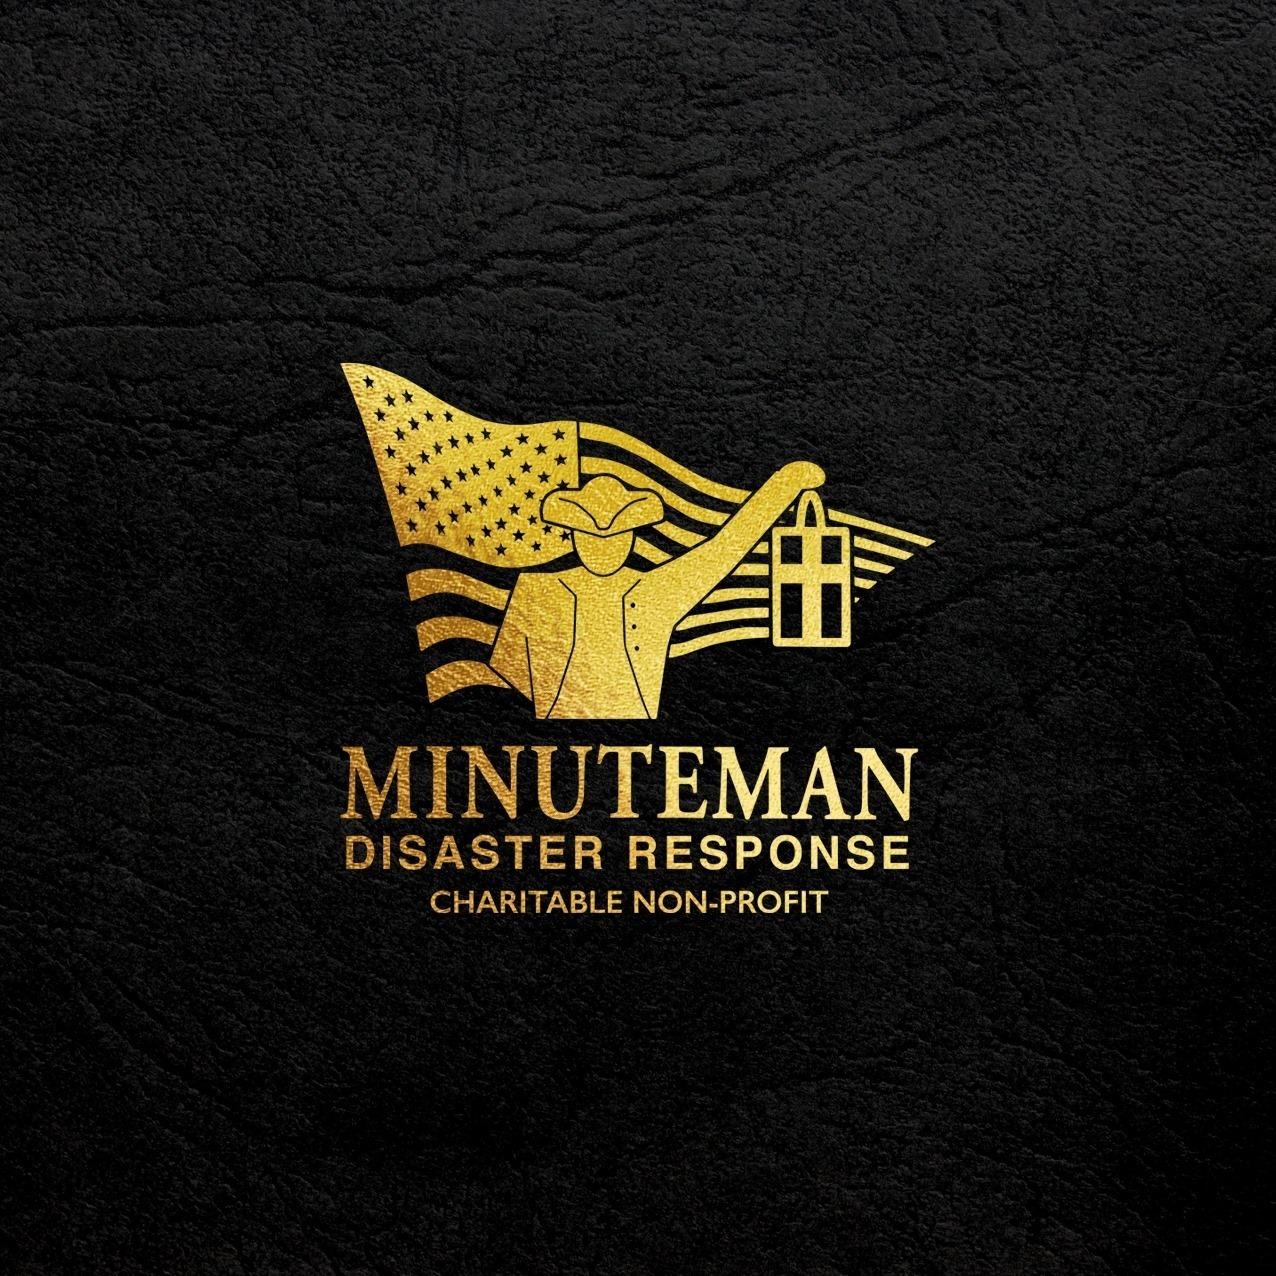 Minuteman Disaster Response